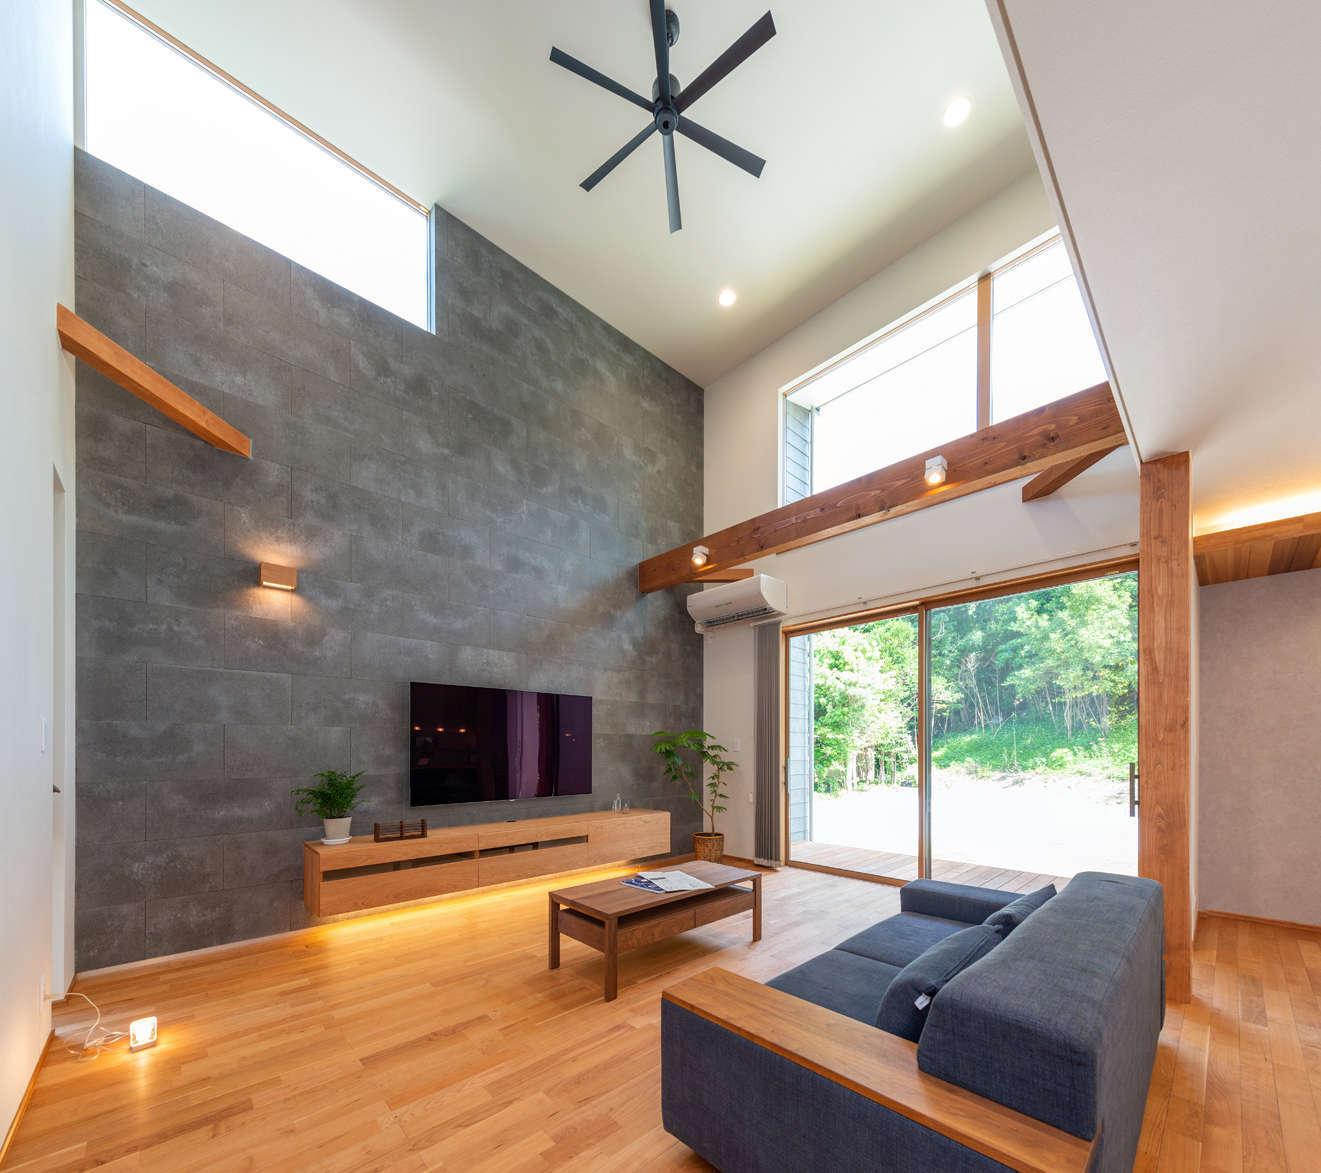 寿鉱業 ナーブの家【デザイン住宅、趣味、間取り】開放感あふれる吹抜けのリビング。大きな掃出窓とハイサイドライトから光をたっぷり採り込み、広い空間全体に明るさをもたらしている。リビングの壁には外壁と同じセメント系天然素材が用いられ、縦空間の広がりを強調しつつ、空間をスタイリッシュに演出